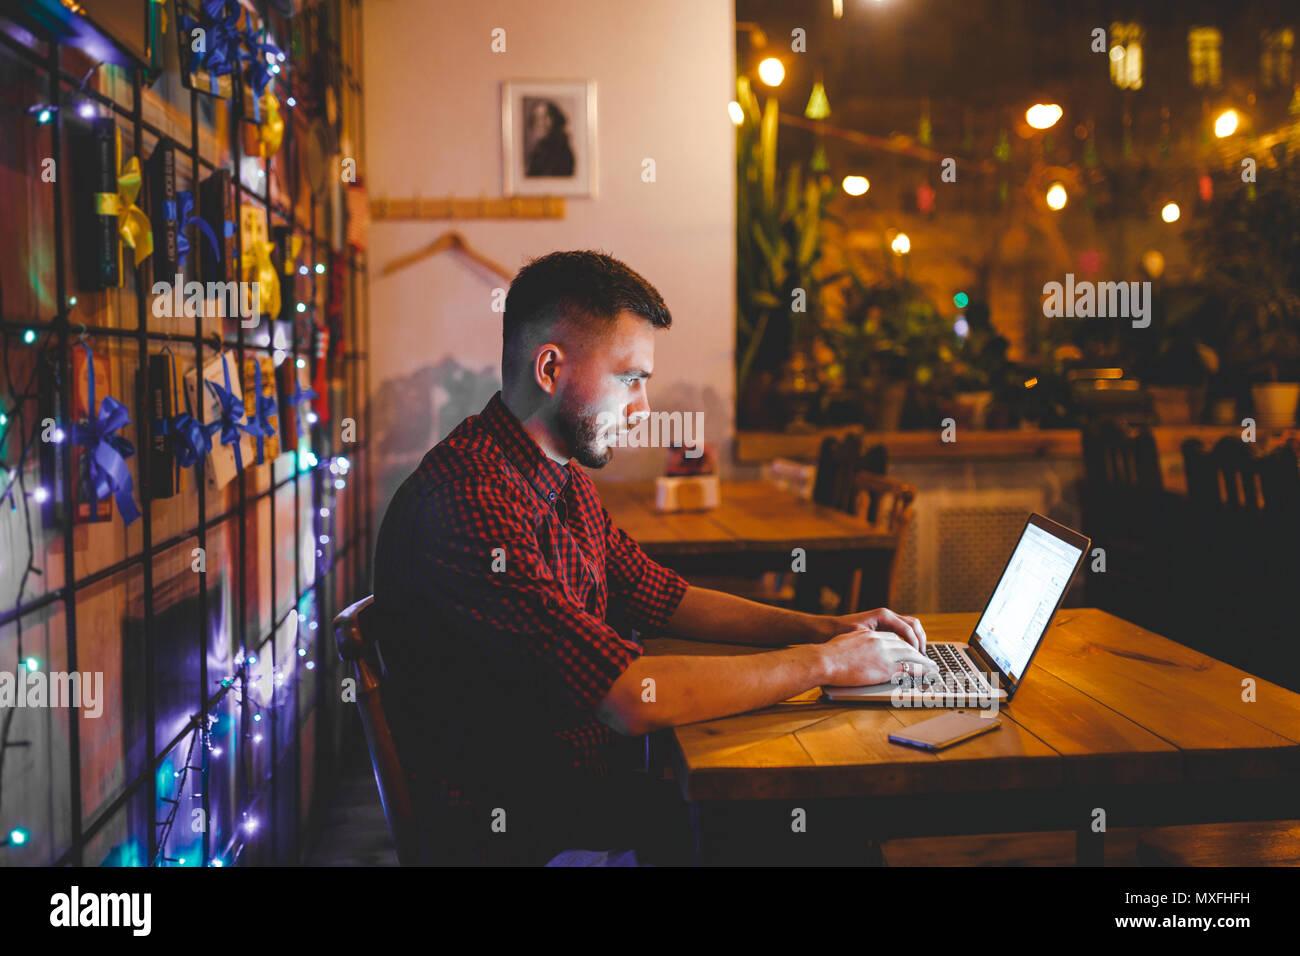 Un joven apuesto hombre caucásico con barba y gran sonrisa en una camisa a cuadros roja está trabajando detrás de un portátil gris sentado en una mesa de madera. Las manos sobre el teclado. En la tarde en la cafetería Imagen De Stock